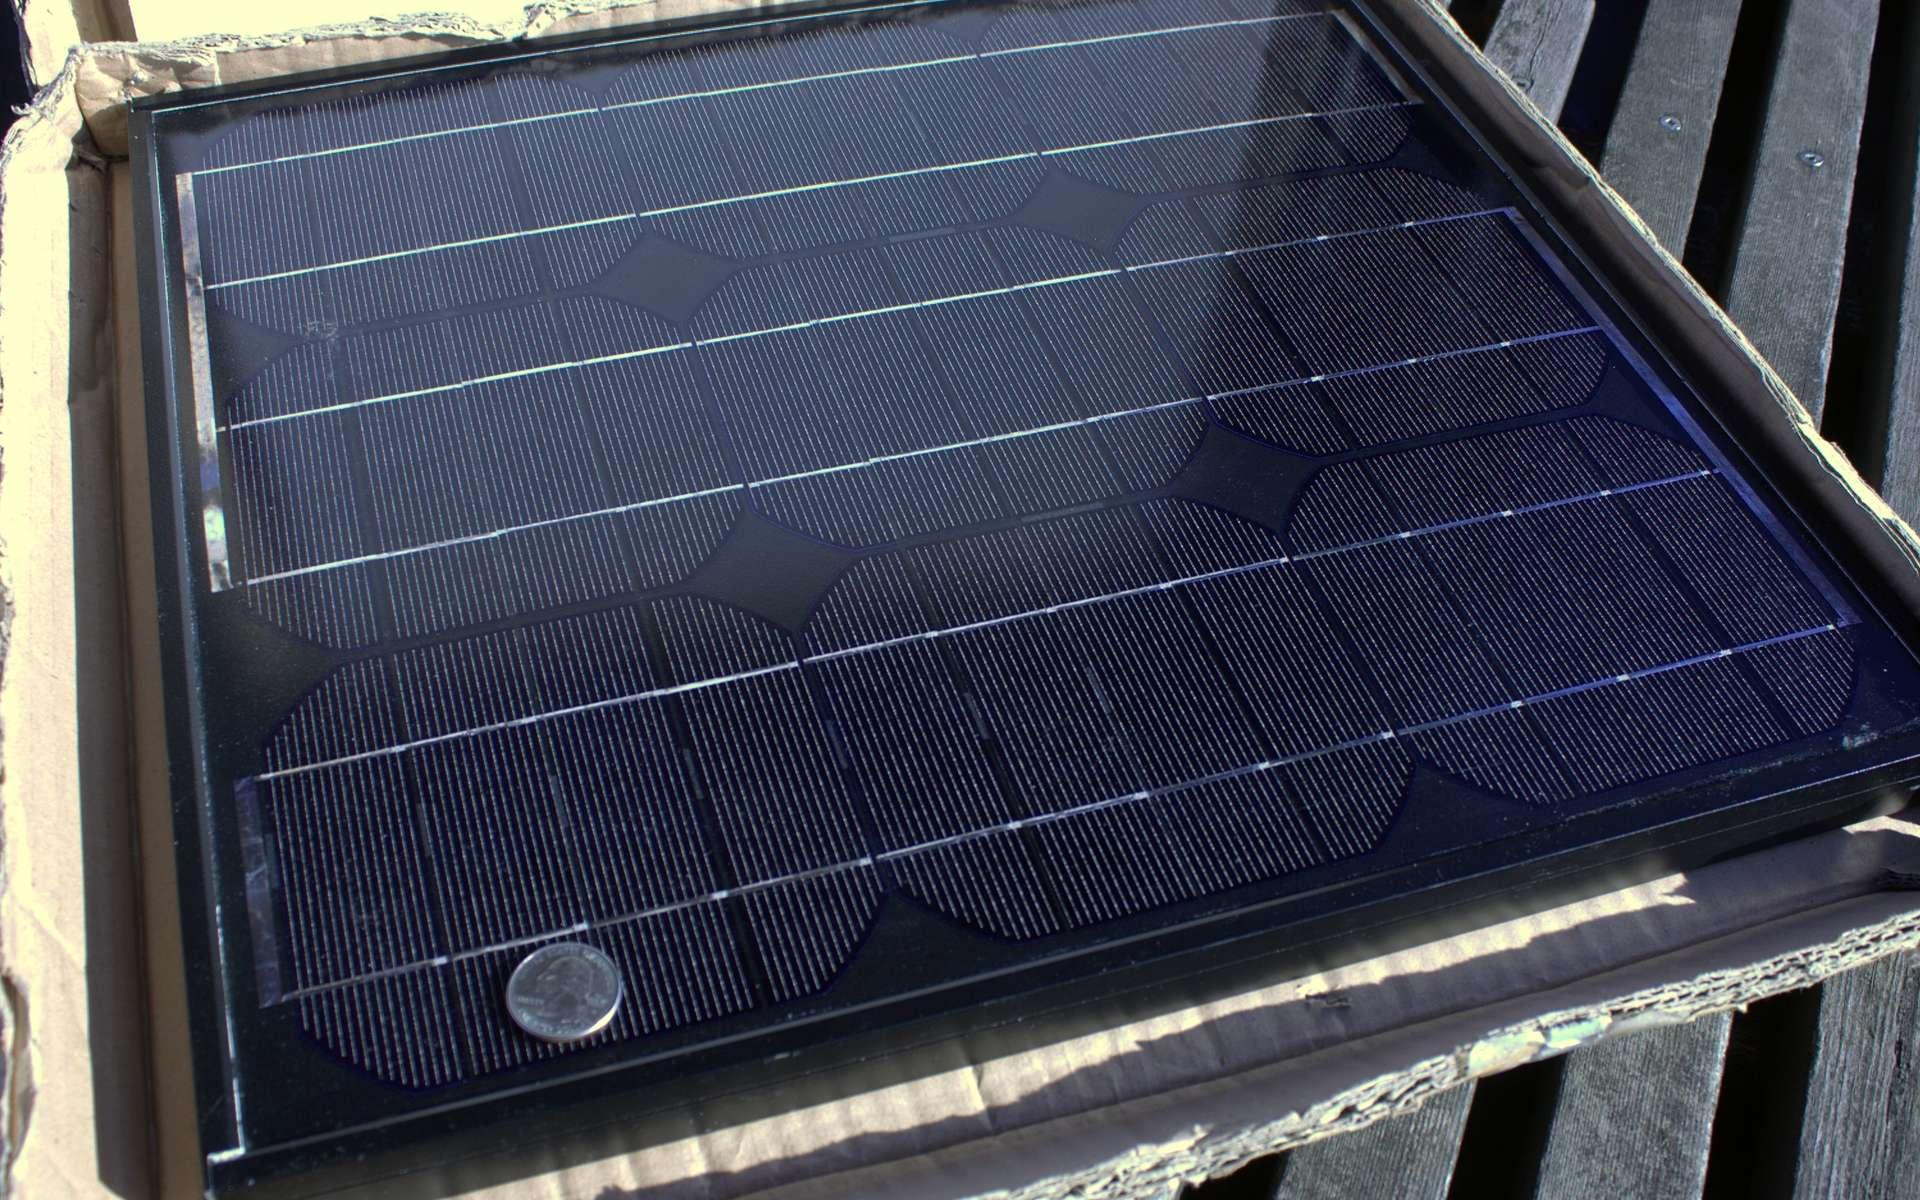 Un panneau solaire peut se faire avec du matériel de récupération. © Sam_churchill, Flickr, CC BY 2.0